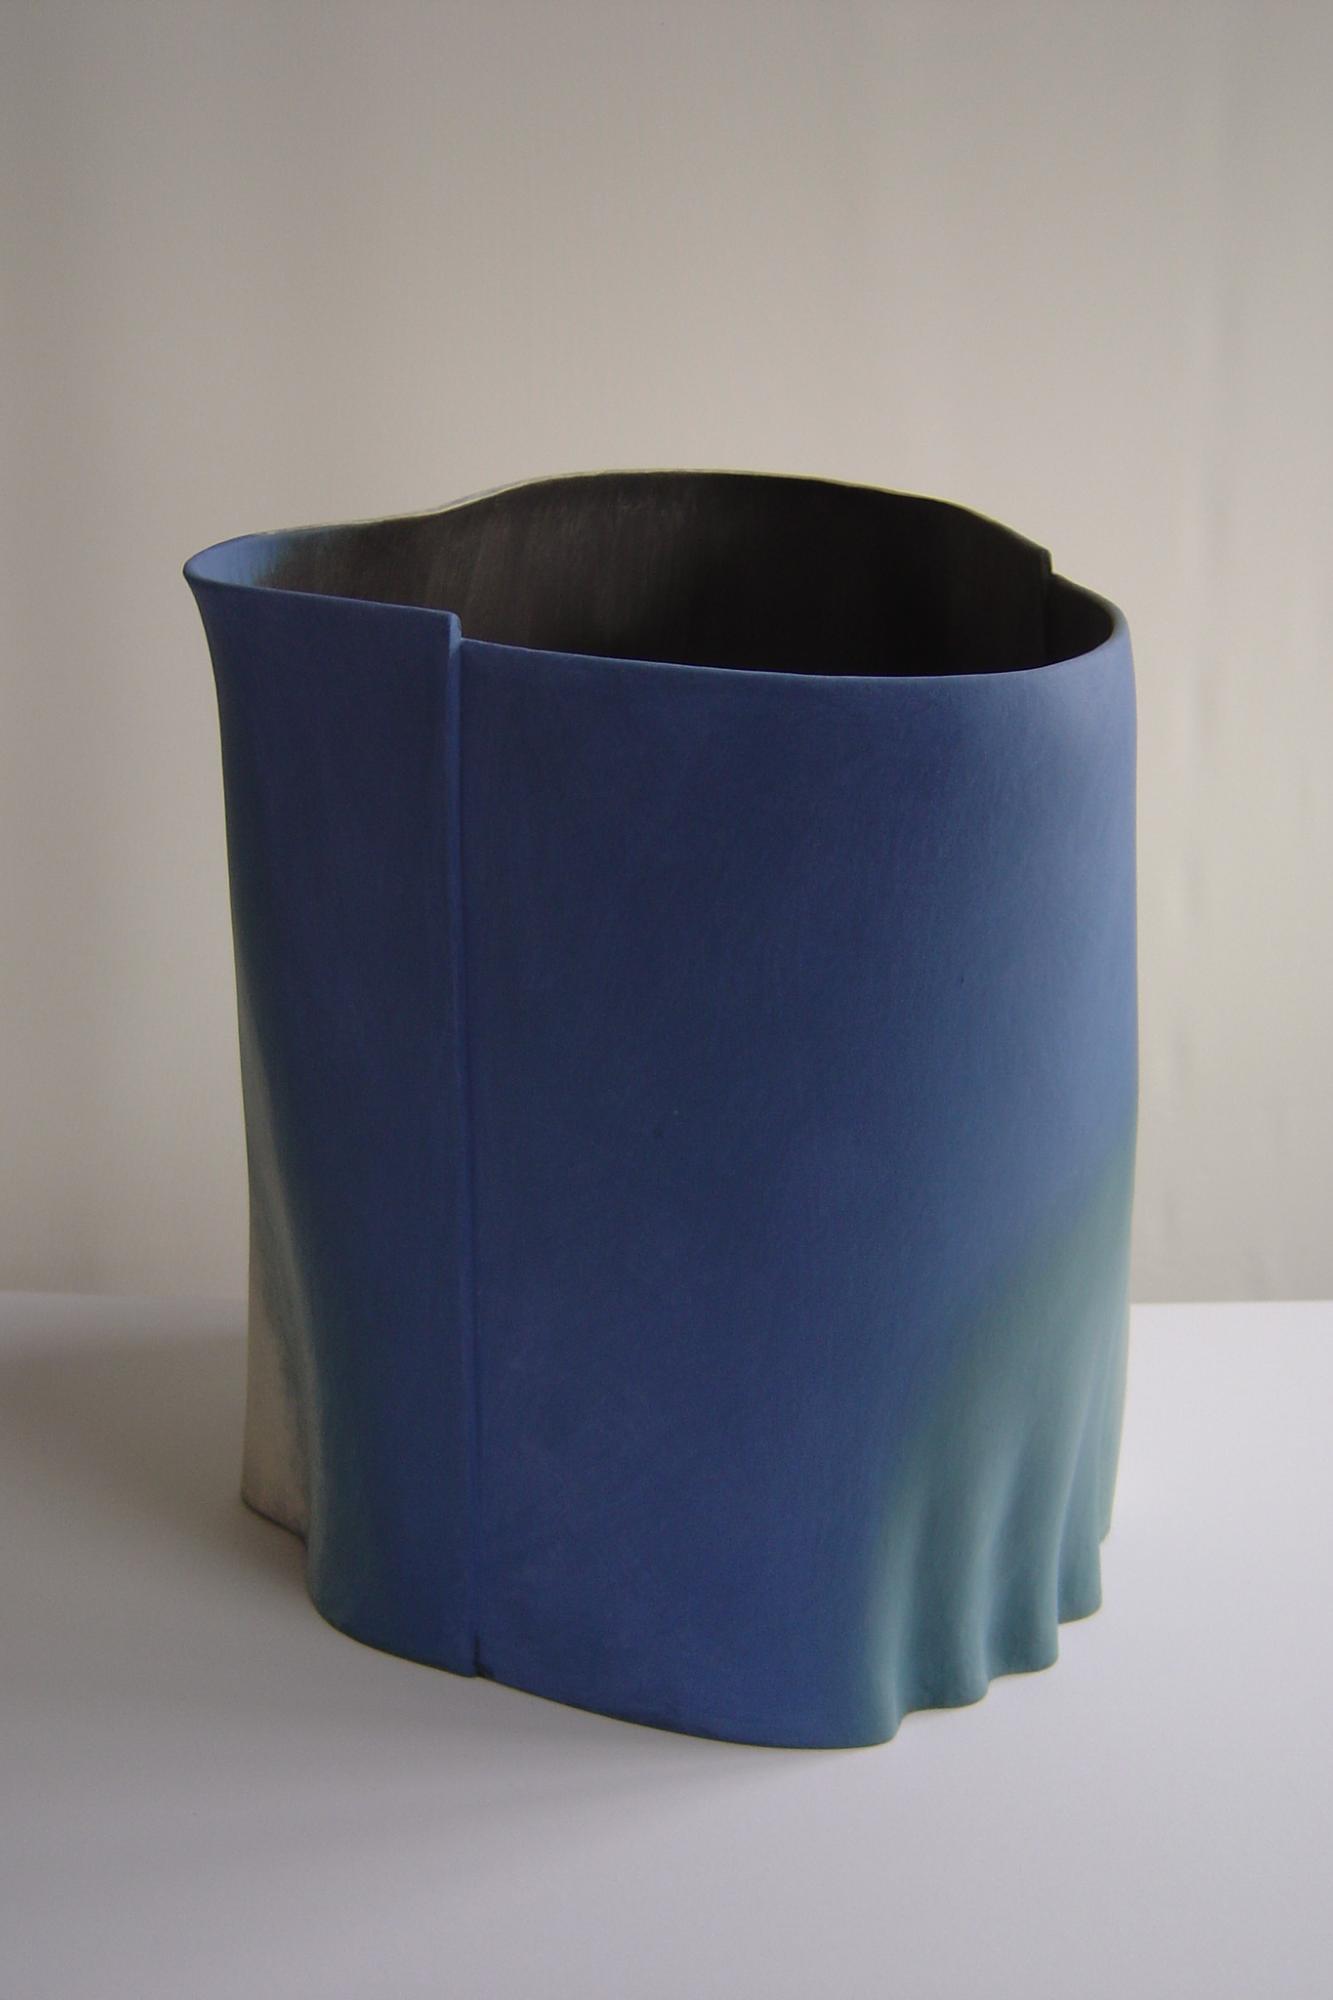 Nova, 2005, 40cm high